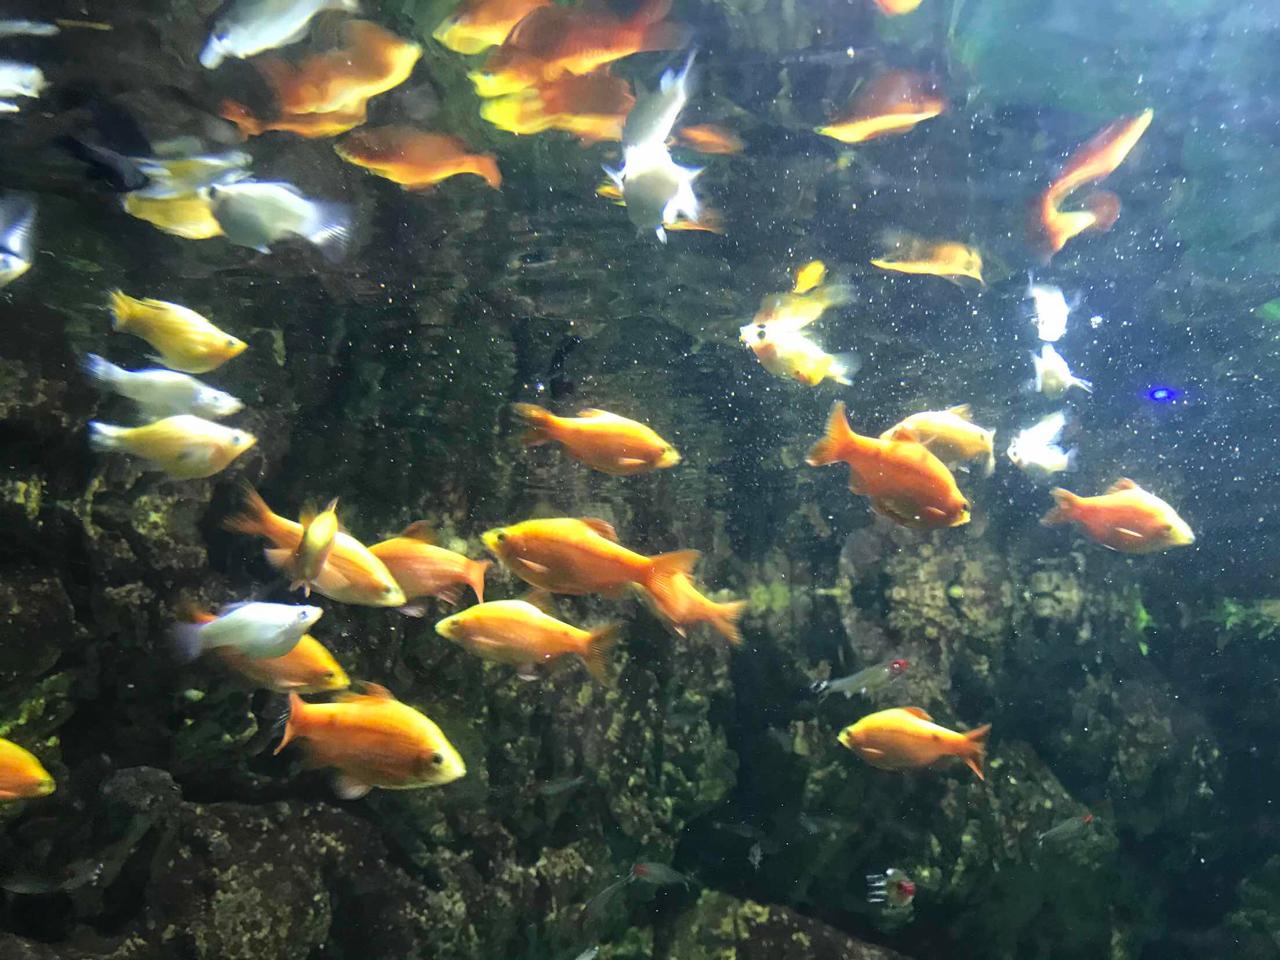 杭州海底世界-杭州野生动物园|杭州极地海洋公园|杭州